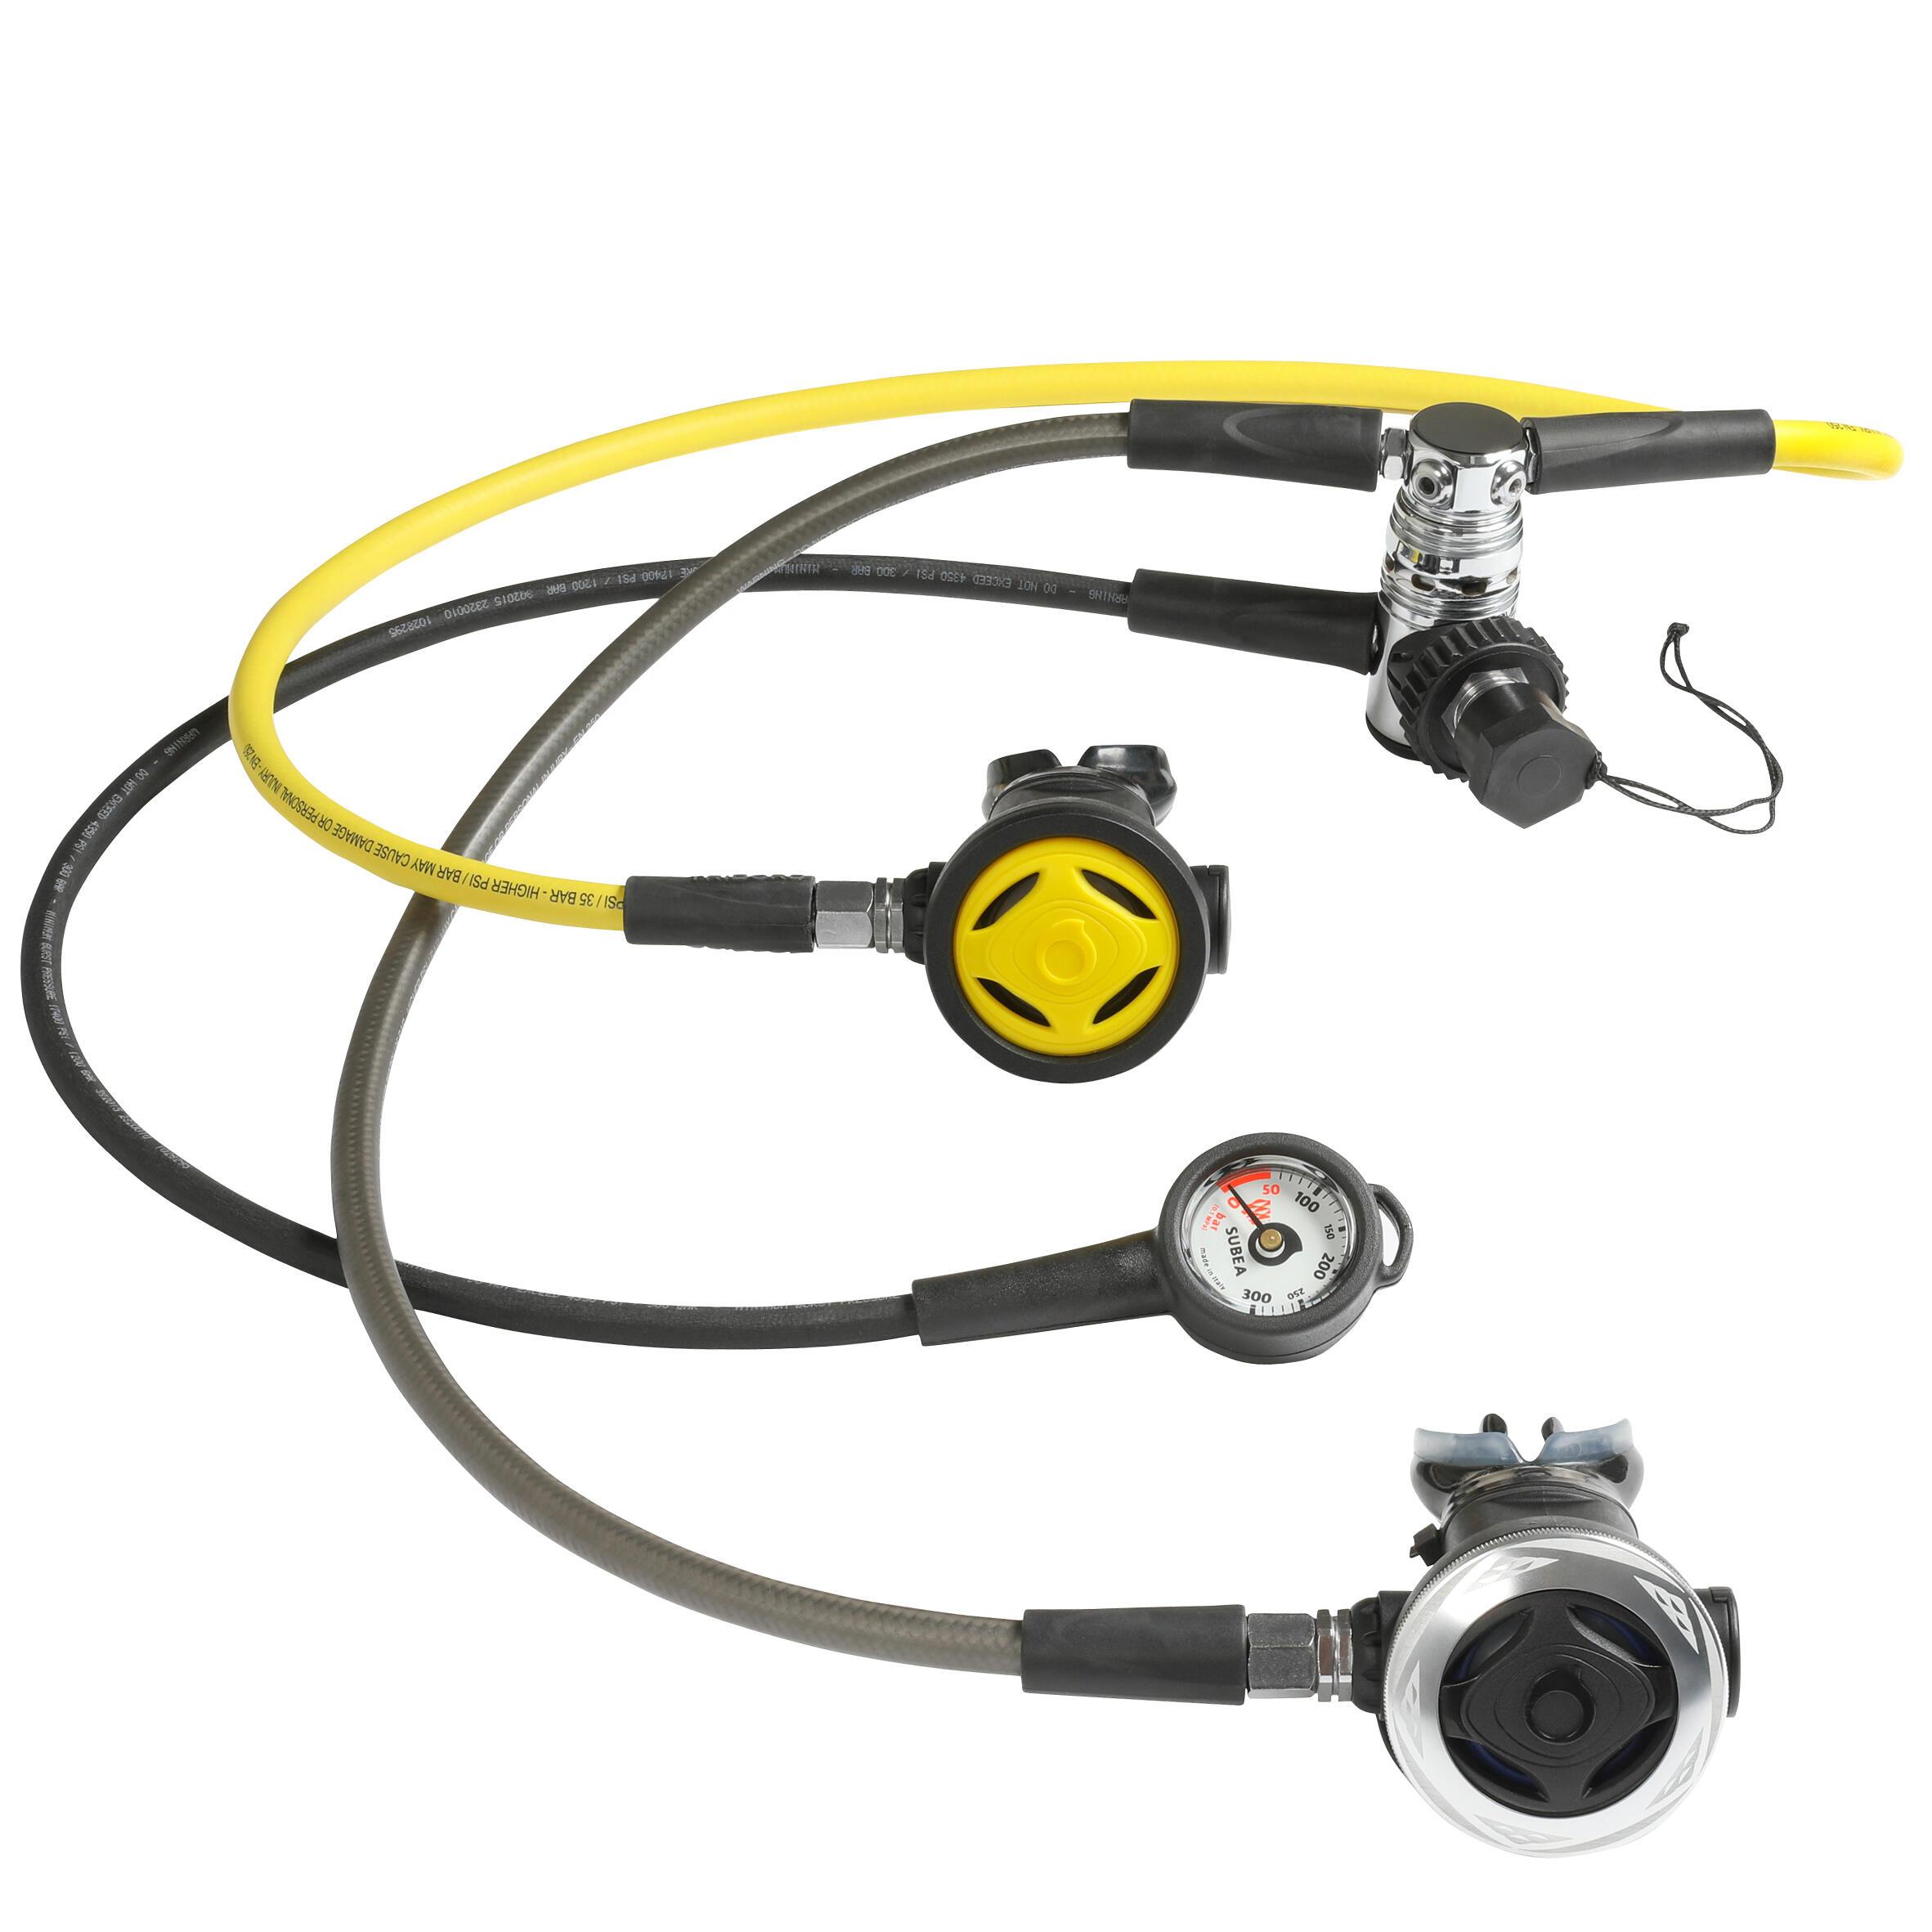 Subea Set van ademautomaat, manometer en octopus SCD 500 DIN 300 gebalanceerde piston kopen? Leest dit eerst: Trimvesten & Ademautomaten Ademautomaat met korting